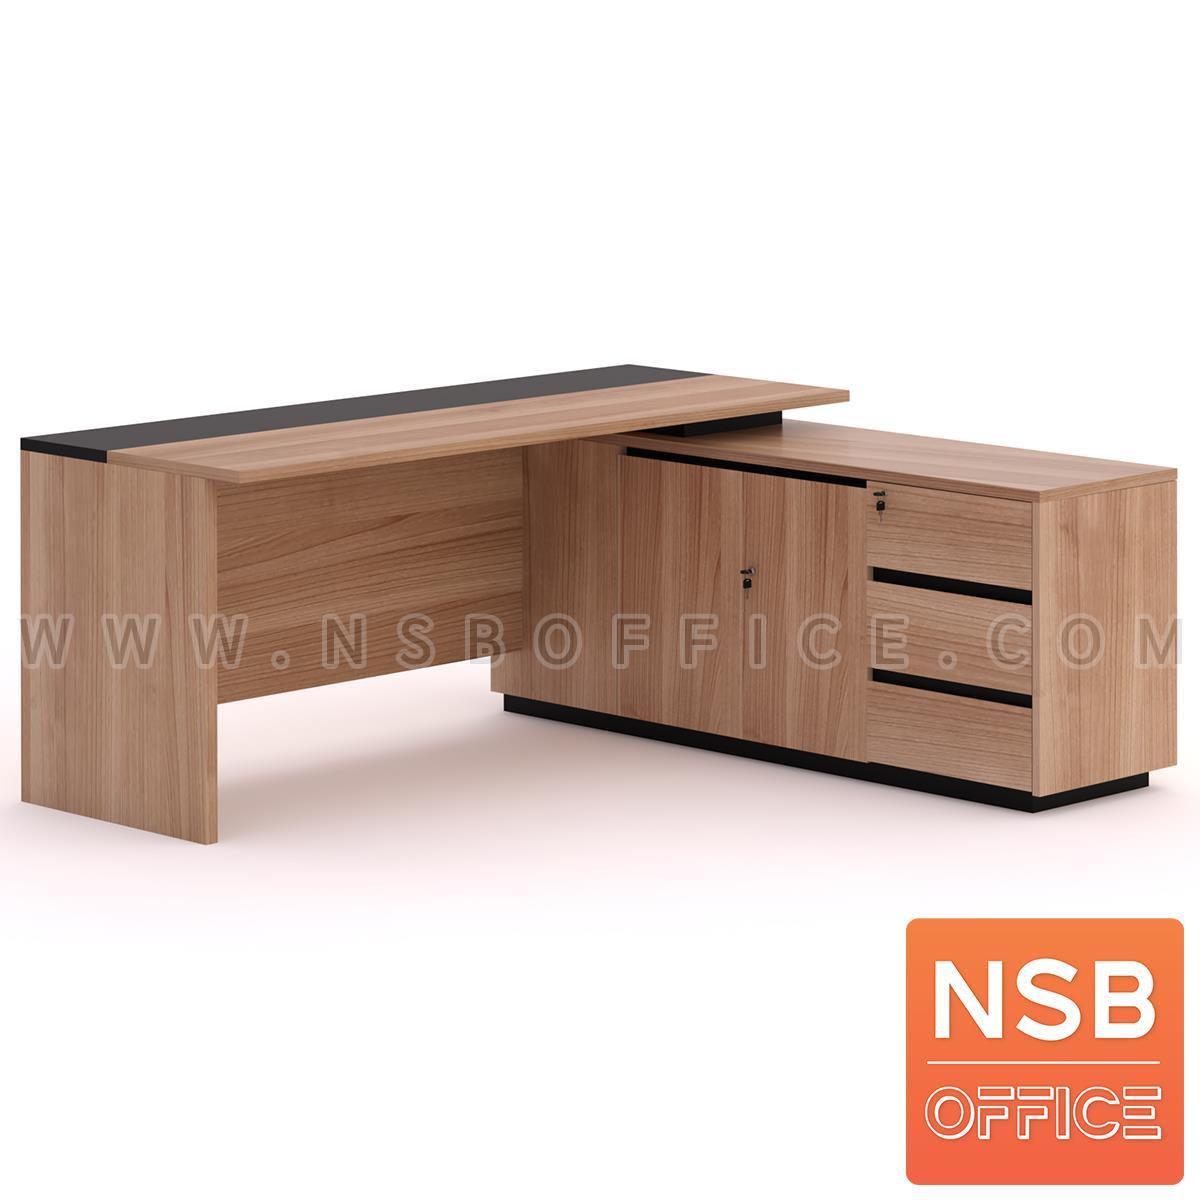 A13A163:โต๊ะผู้บริหารตัวแอล  รุ่น MN-CLD ขนาด 180W cm. พร้อมตู้ข้าง